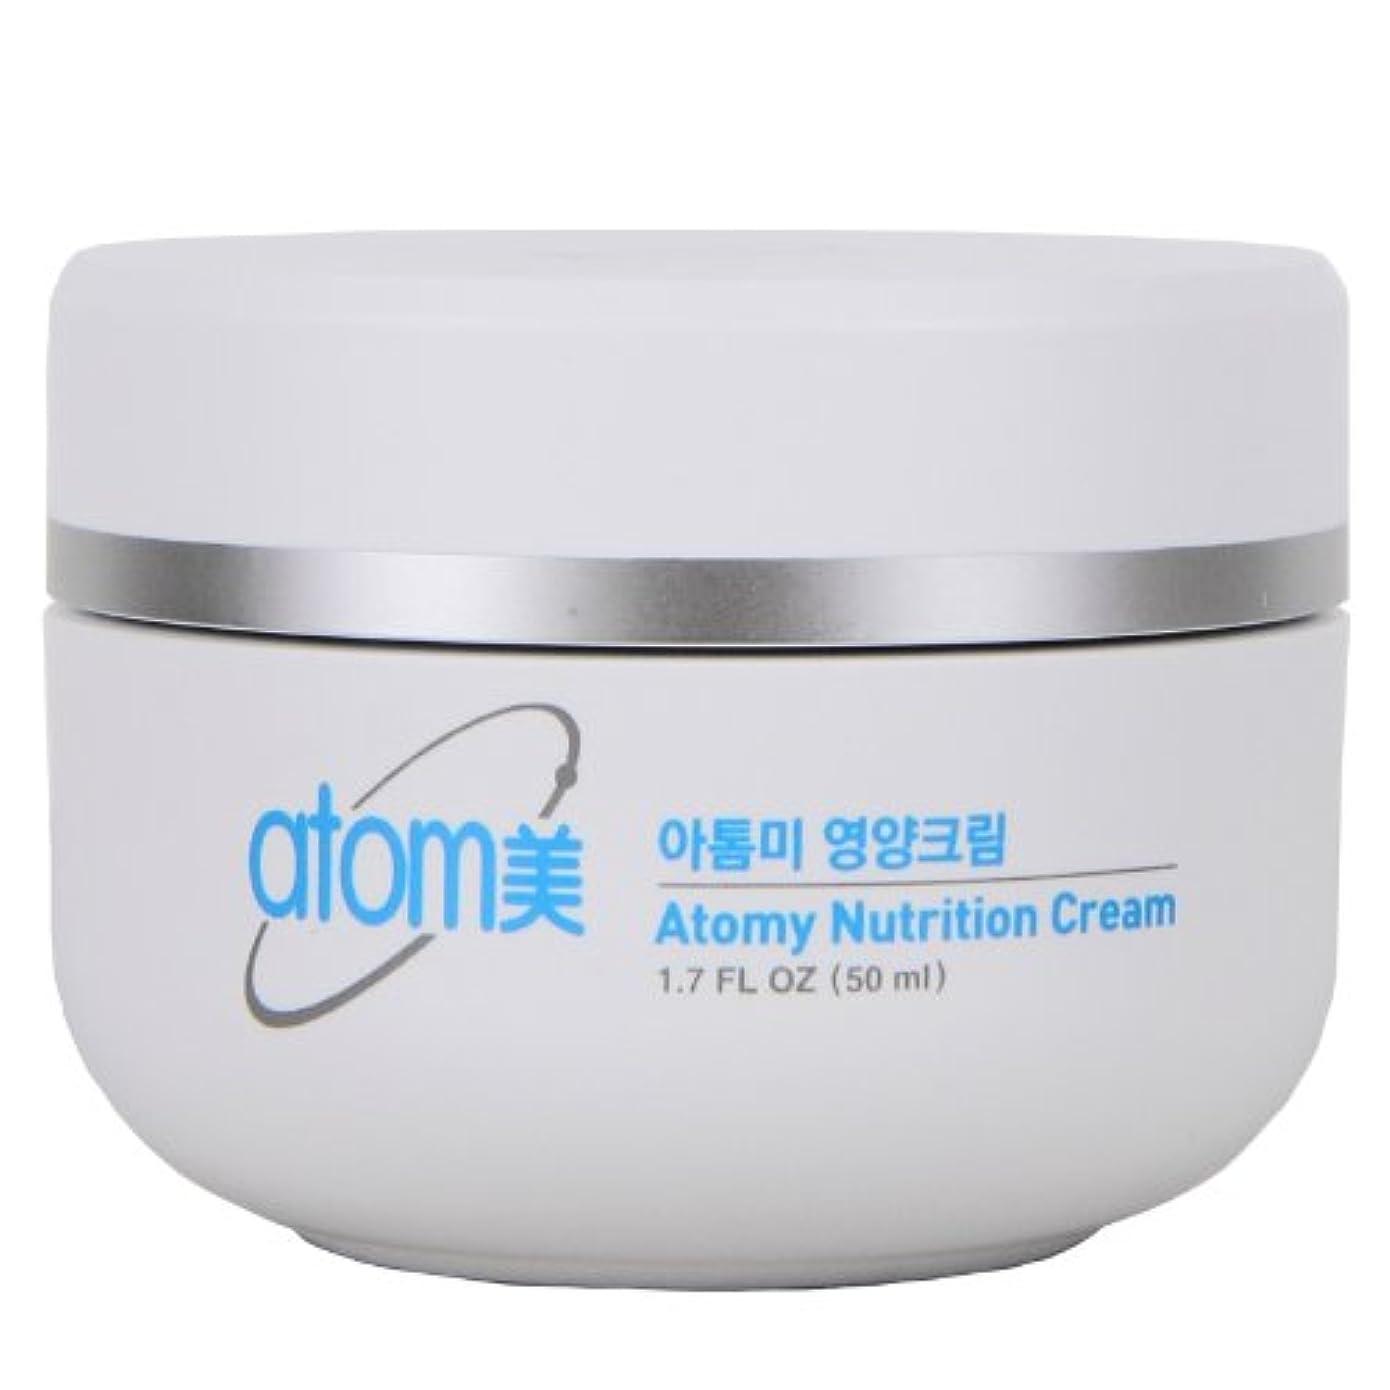 褒賞限り剃る韓国コスメ Atom美 アトミ クリーム ■ナチュラルコスメ